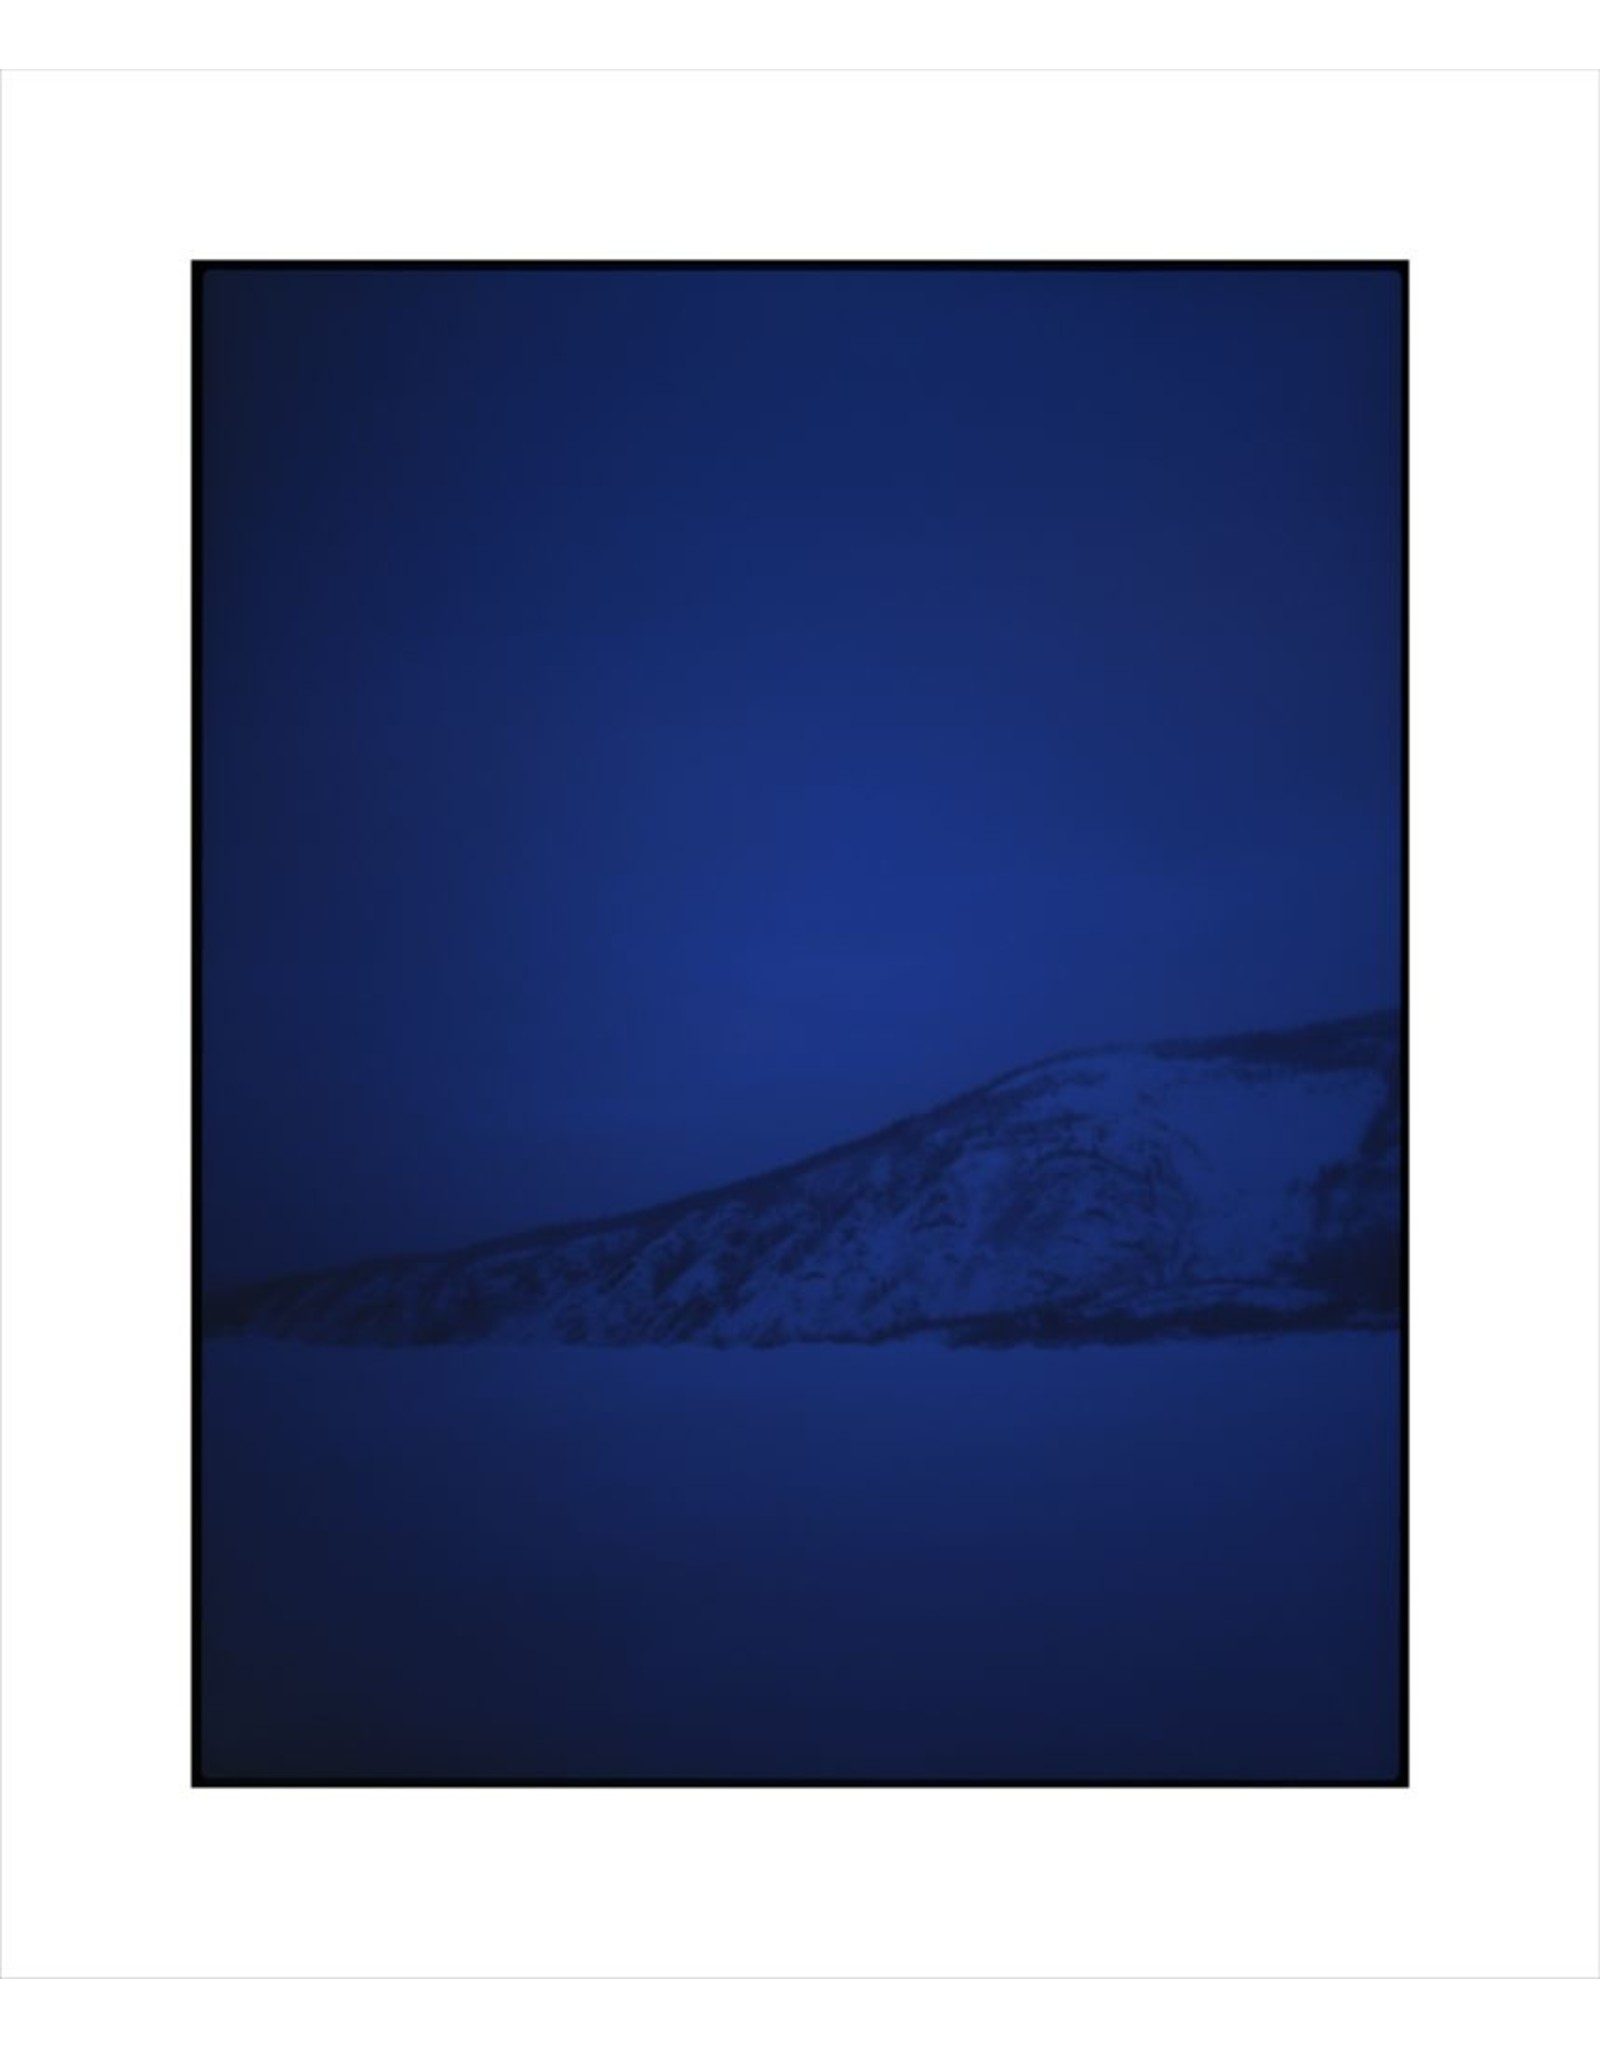 Crawley, Sarah untitled (dawsonslide005), Sarah Crawley